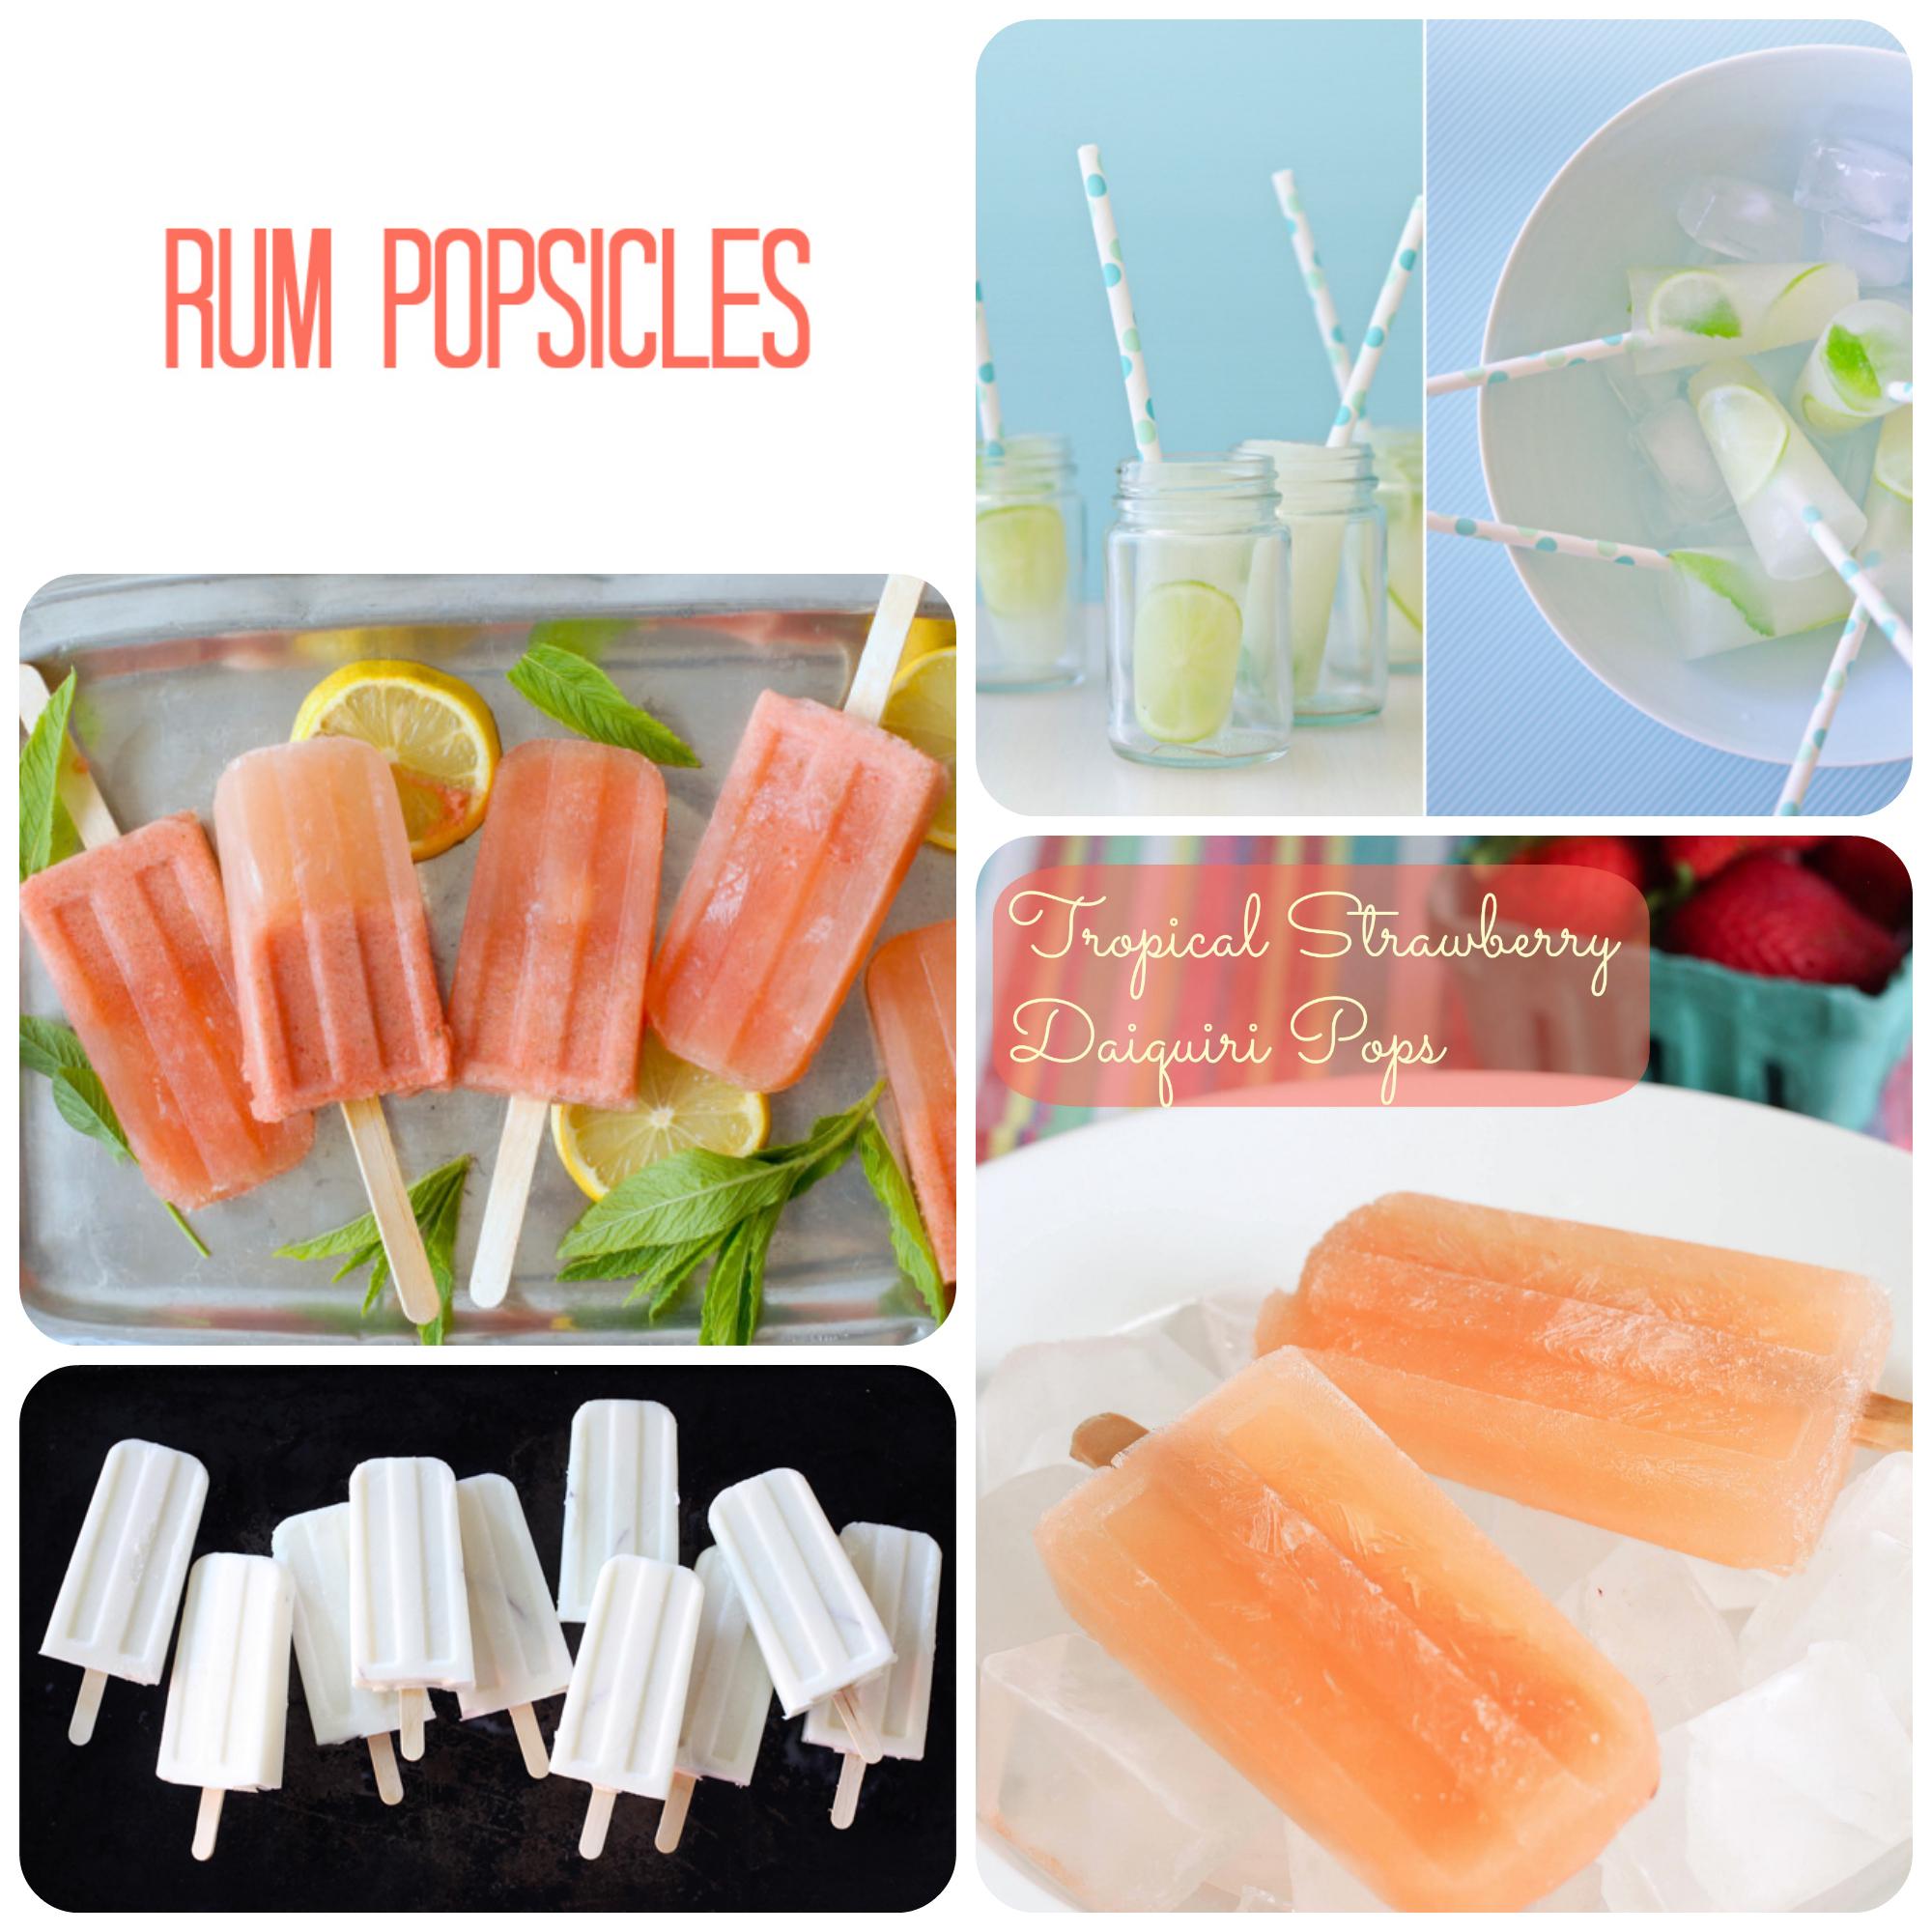 Rum popsicles